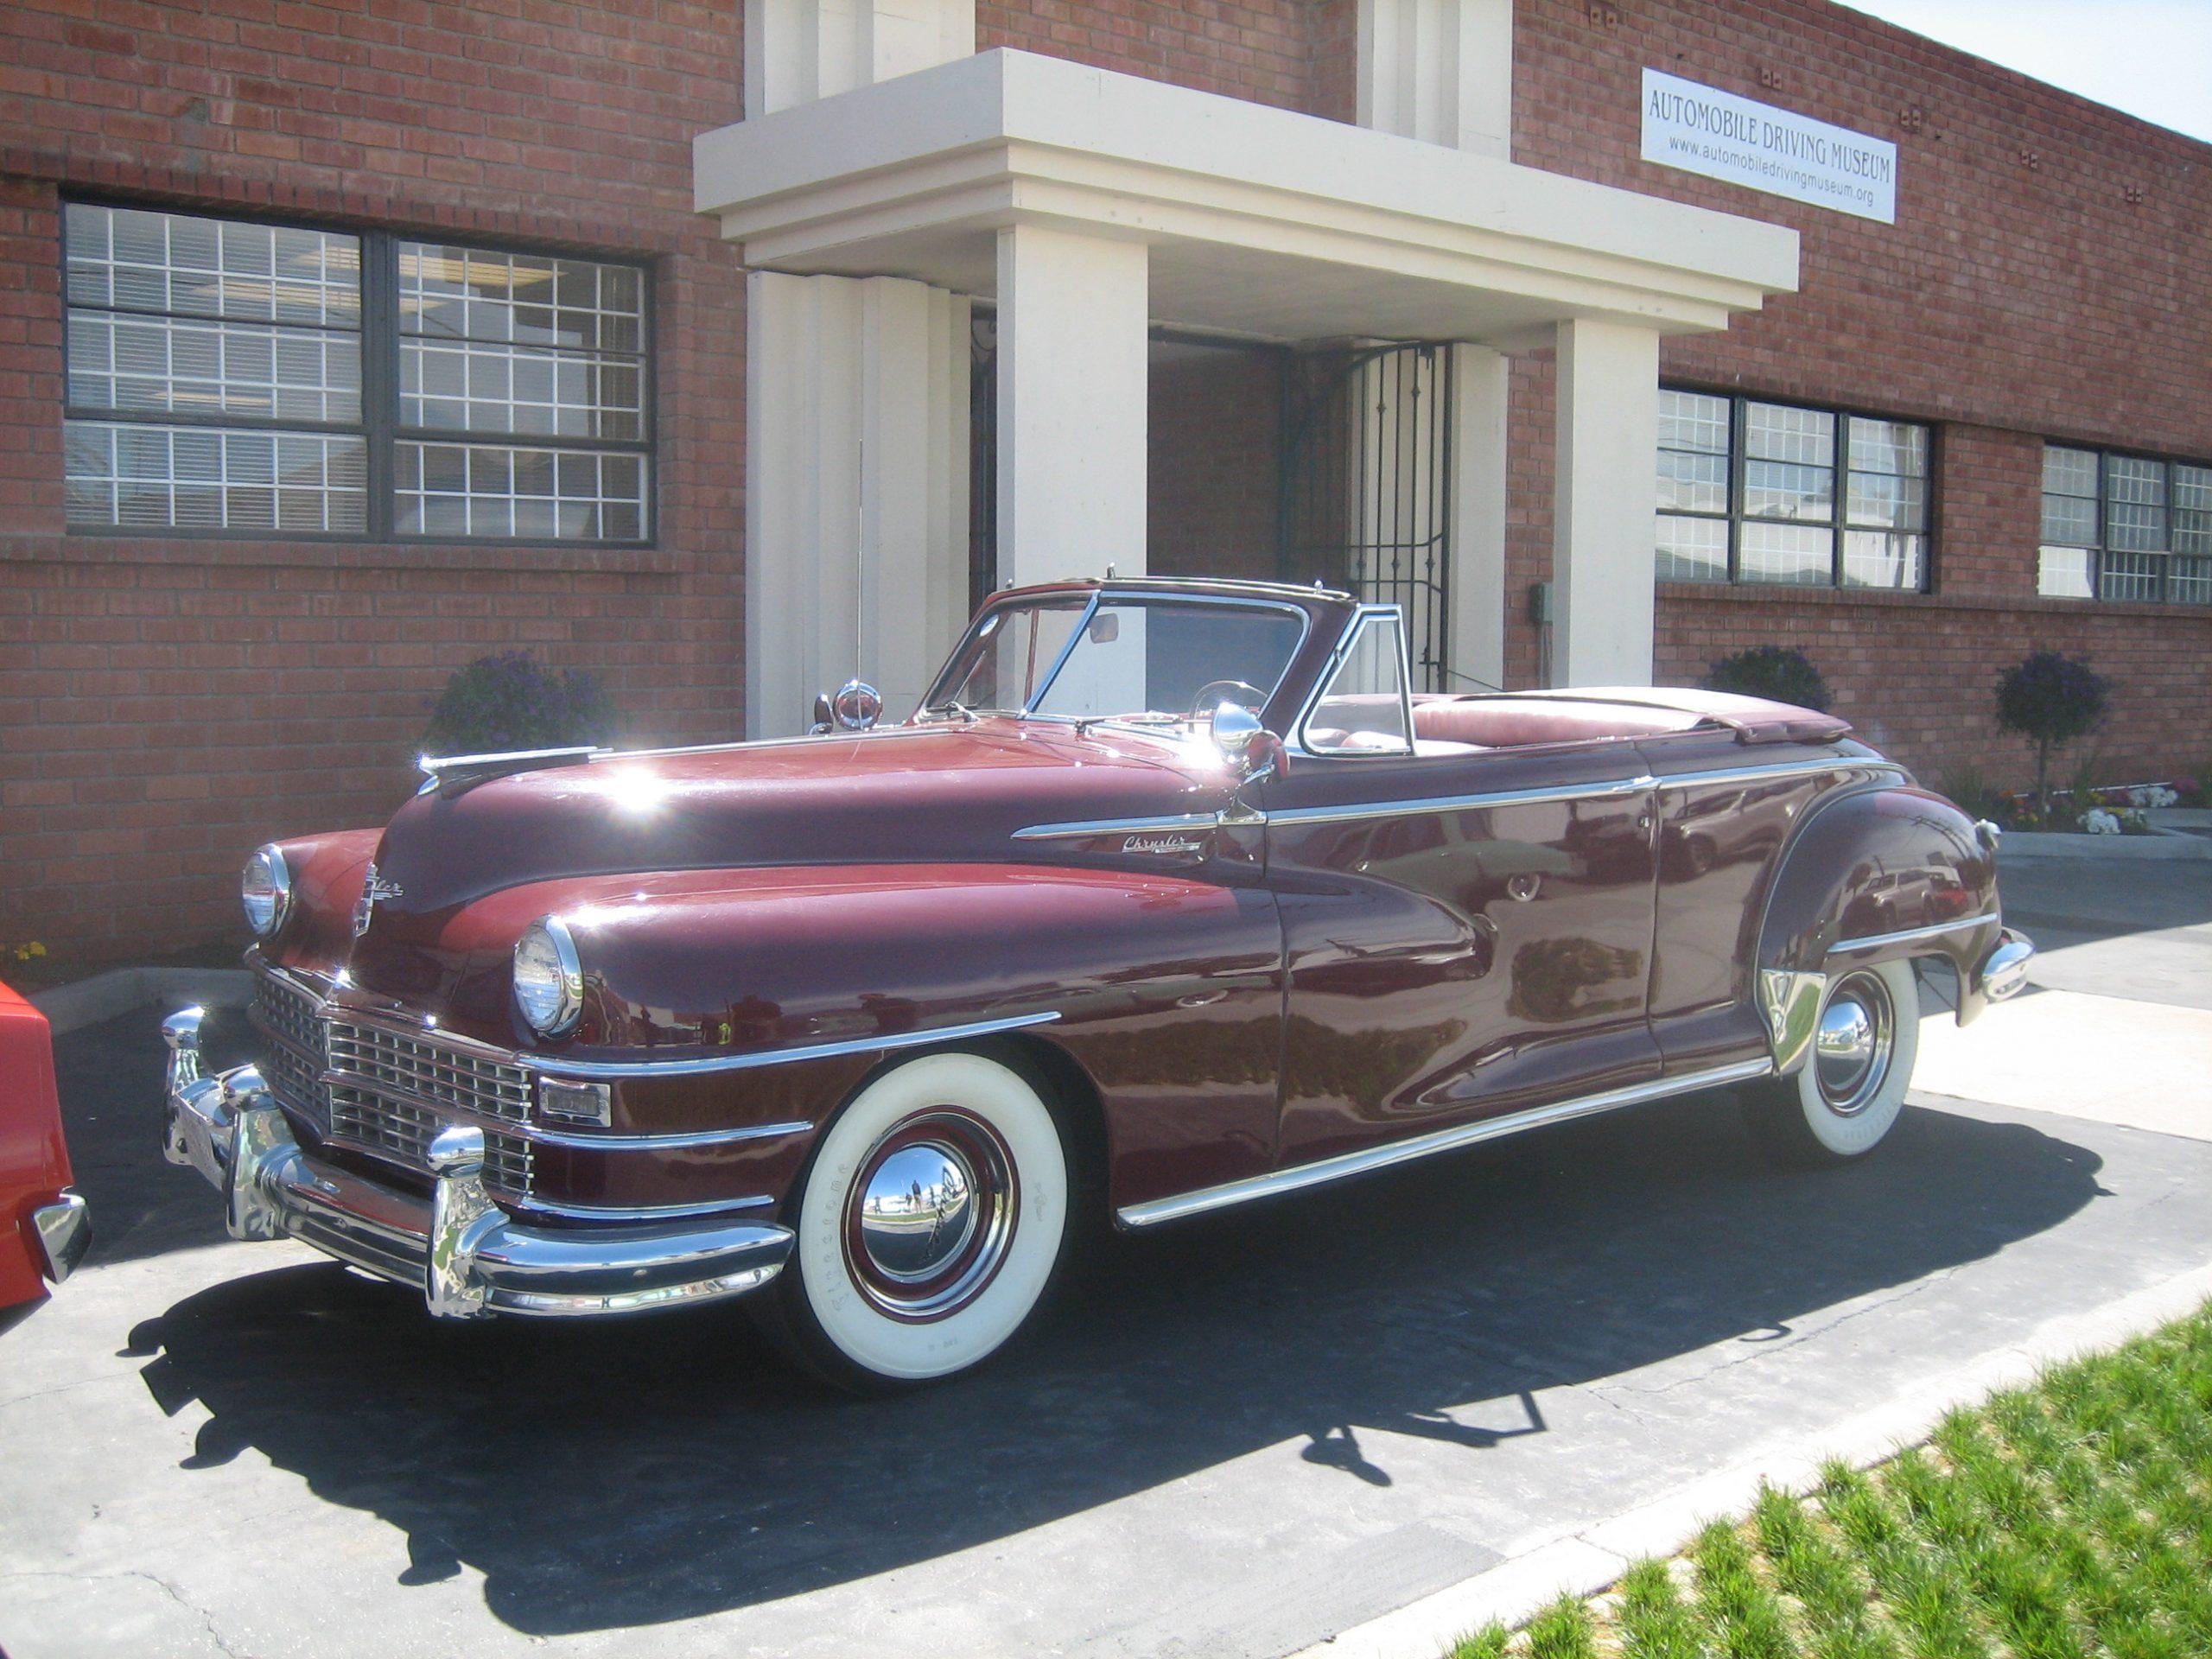 1947 Chrysler Windsor for rent